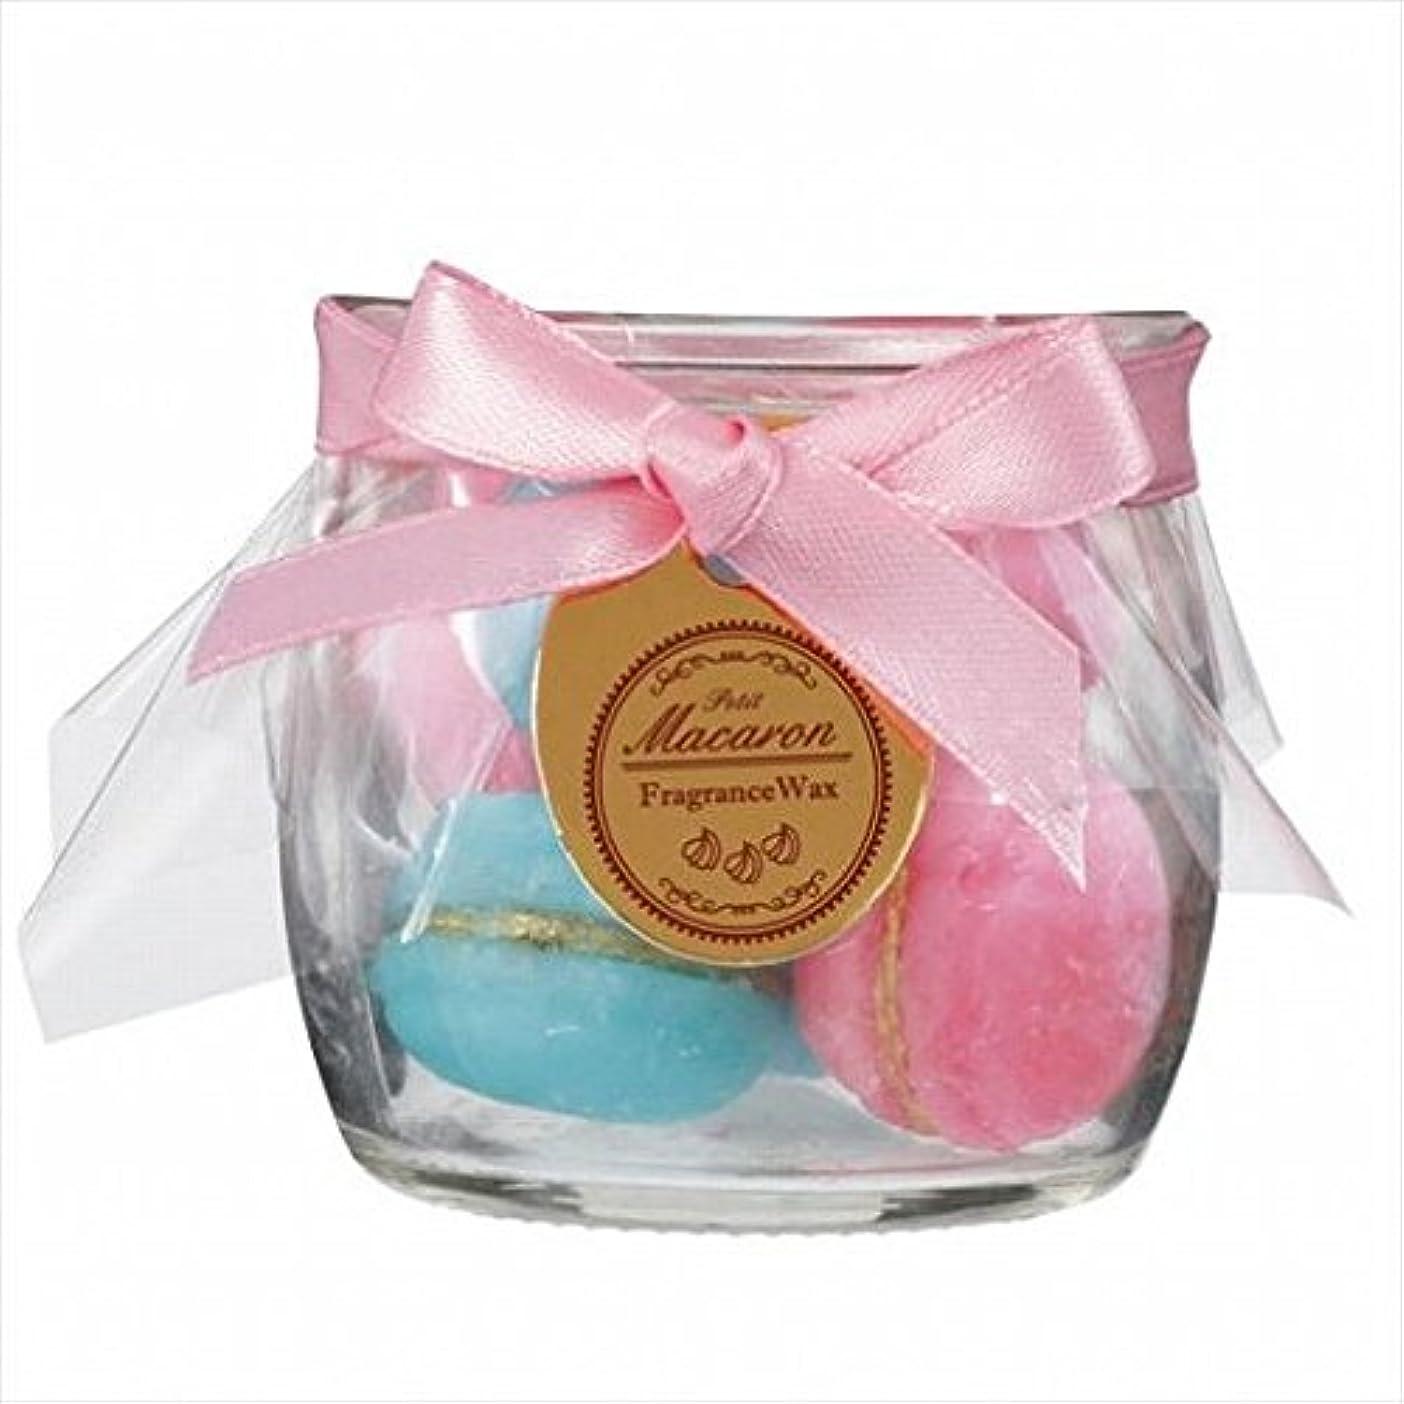 本購入sweets candle(スイーツキャンドル) プチマカロンフレグランス 「 ピーチ 」 キャンドル 60x60x56mm (A3160540)